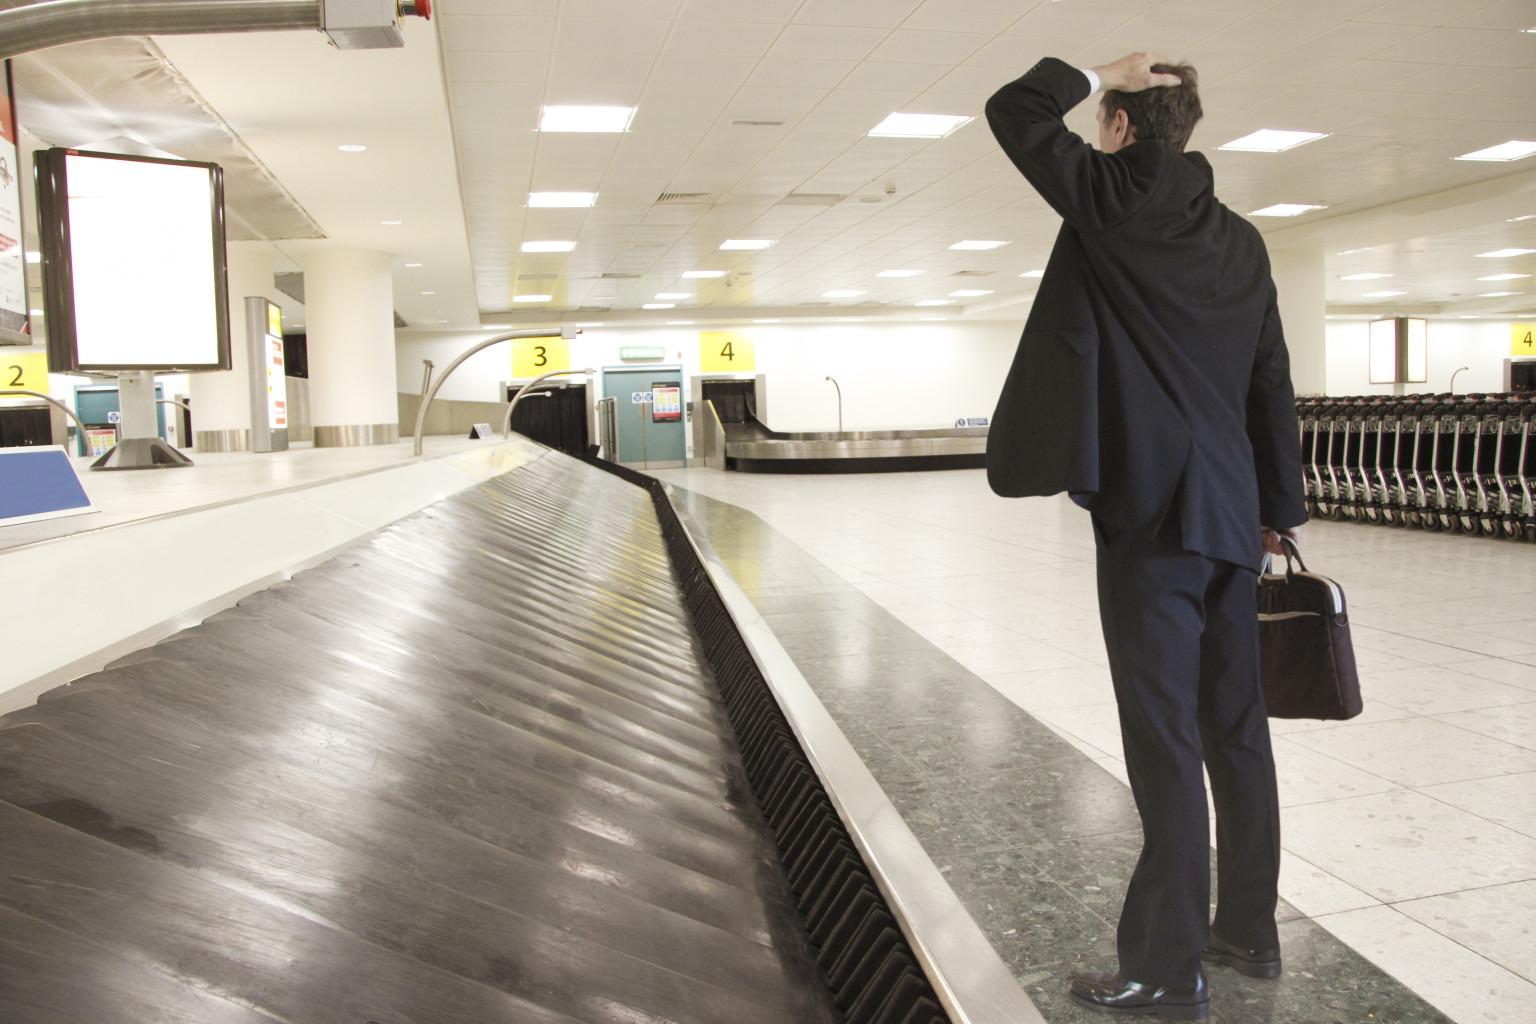 Cách sử lý khi hành lý bị thất lạc ở sân bay